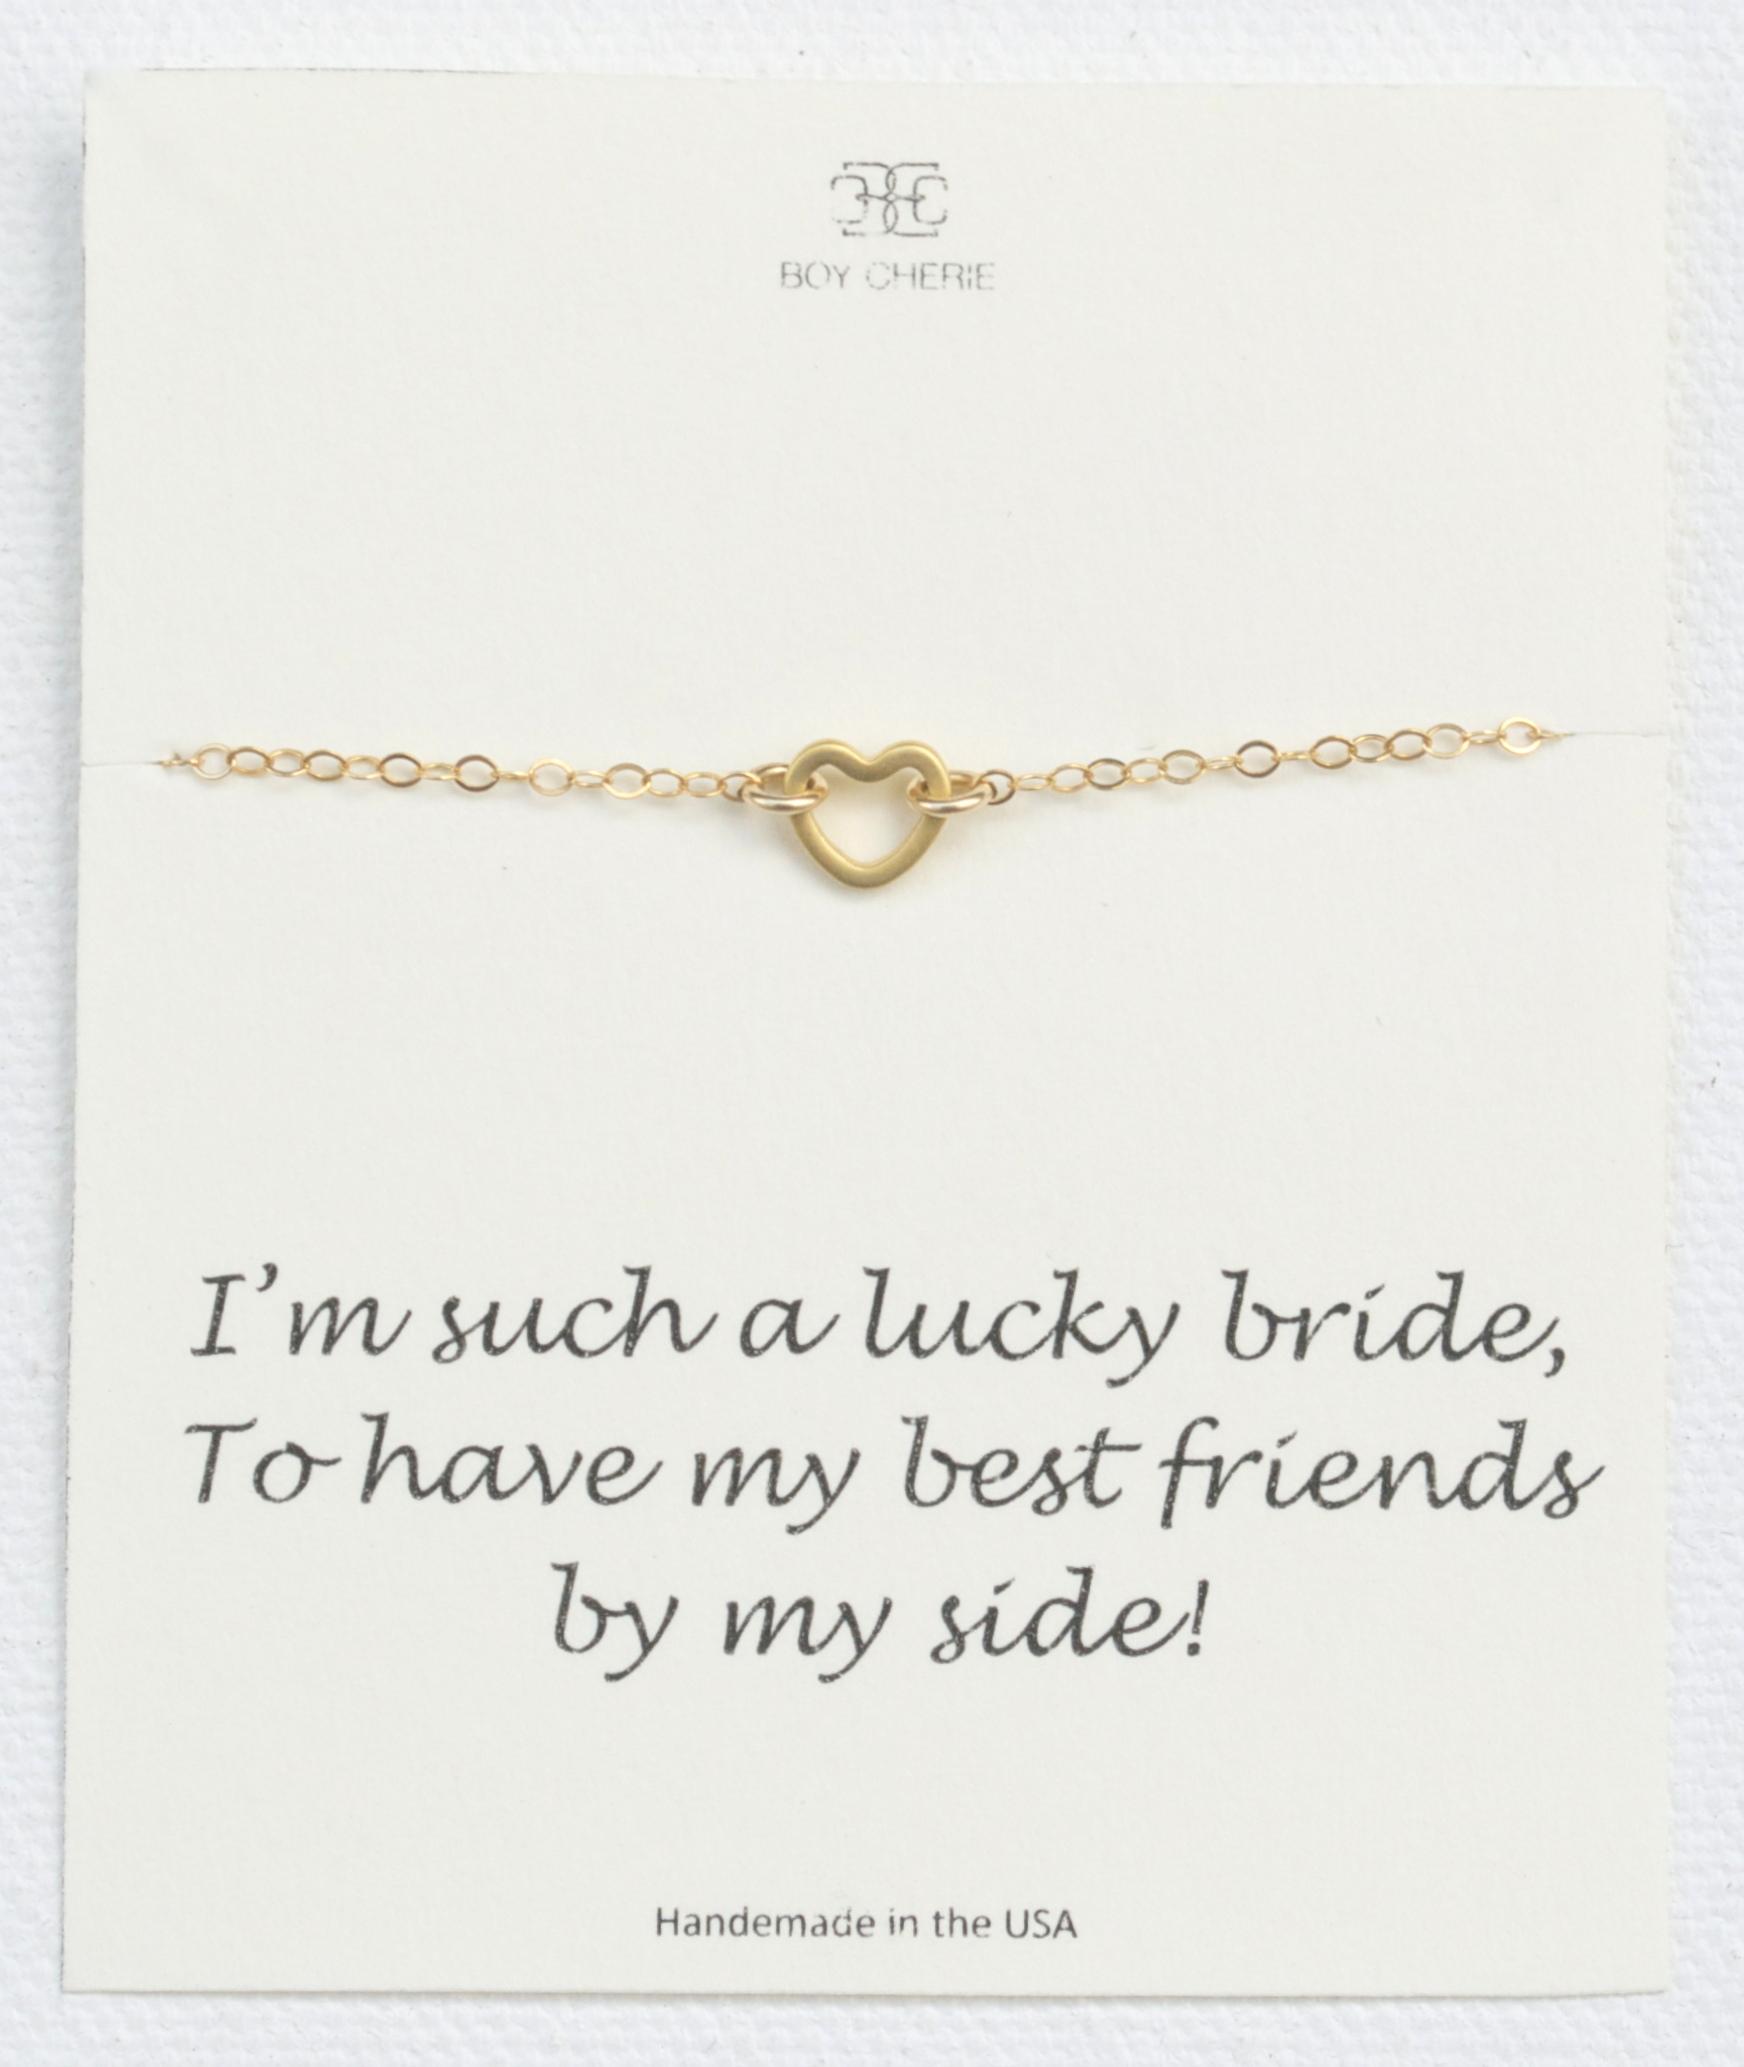 Gold heart bracelet wedding.jpg